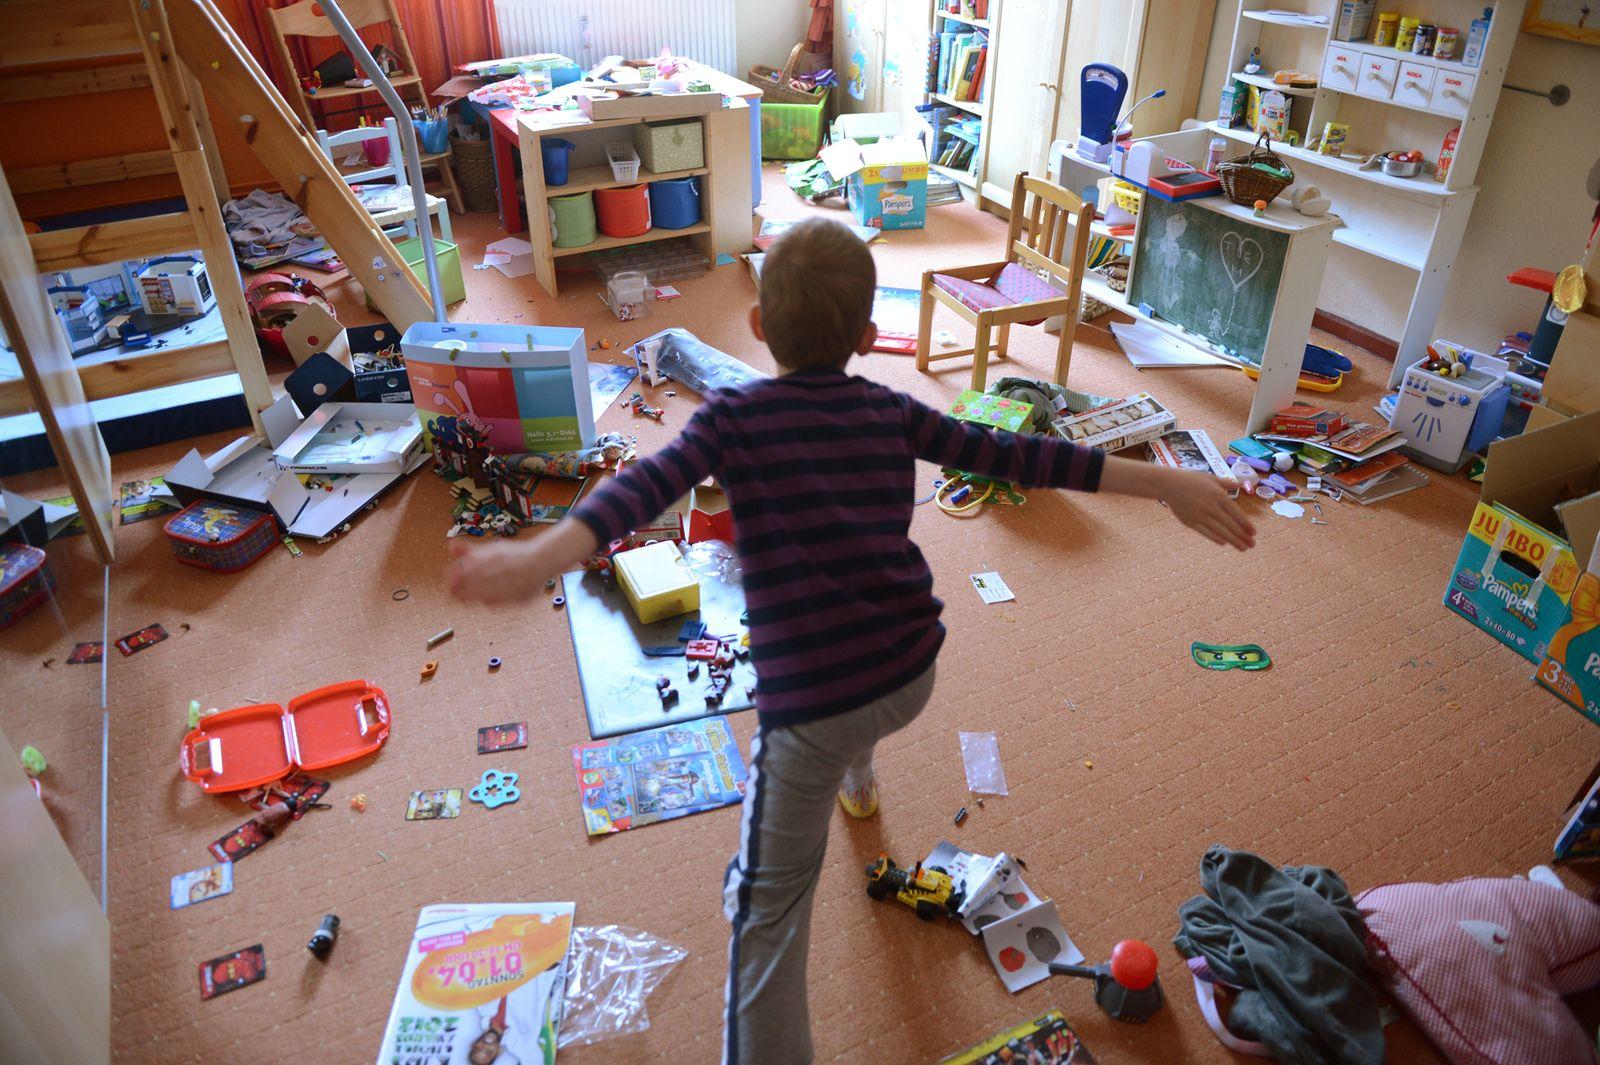 Spielzeug im Kinderzimmer